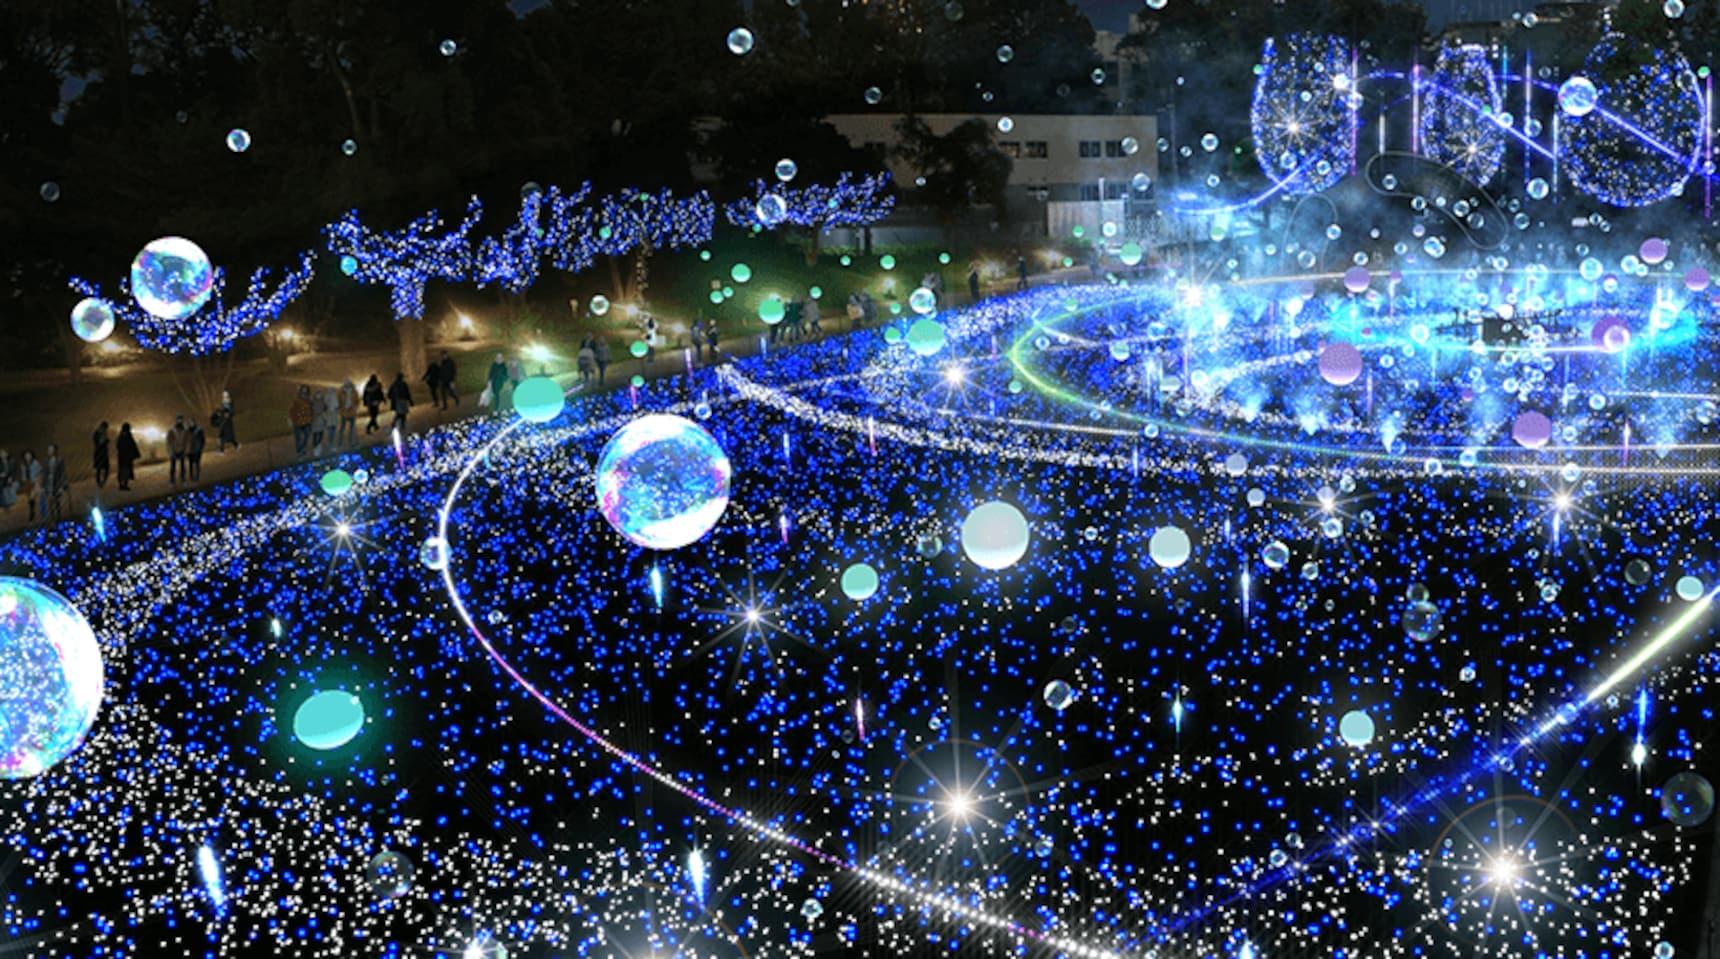 ชมไฟประดับสวยงามราวกับดวงดาวที่ Tokyo Midtown